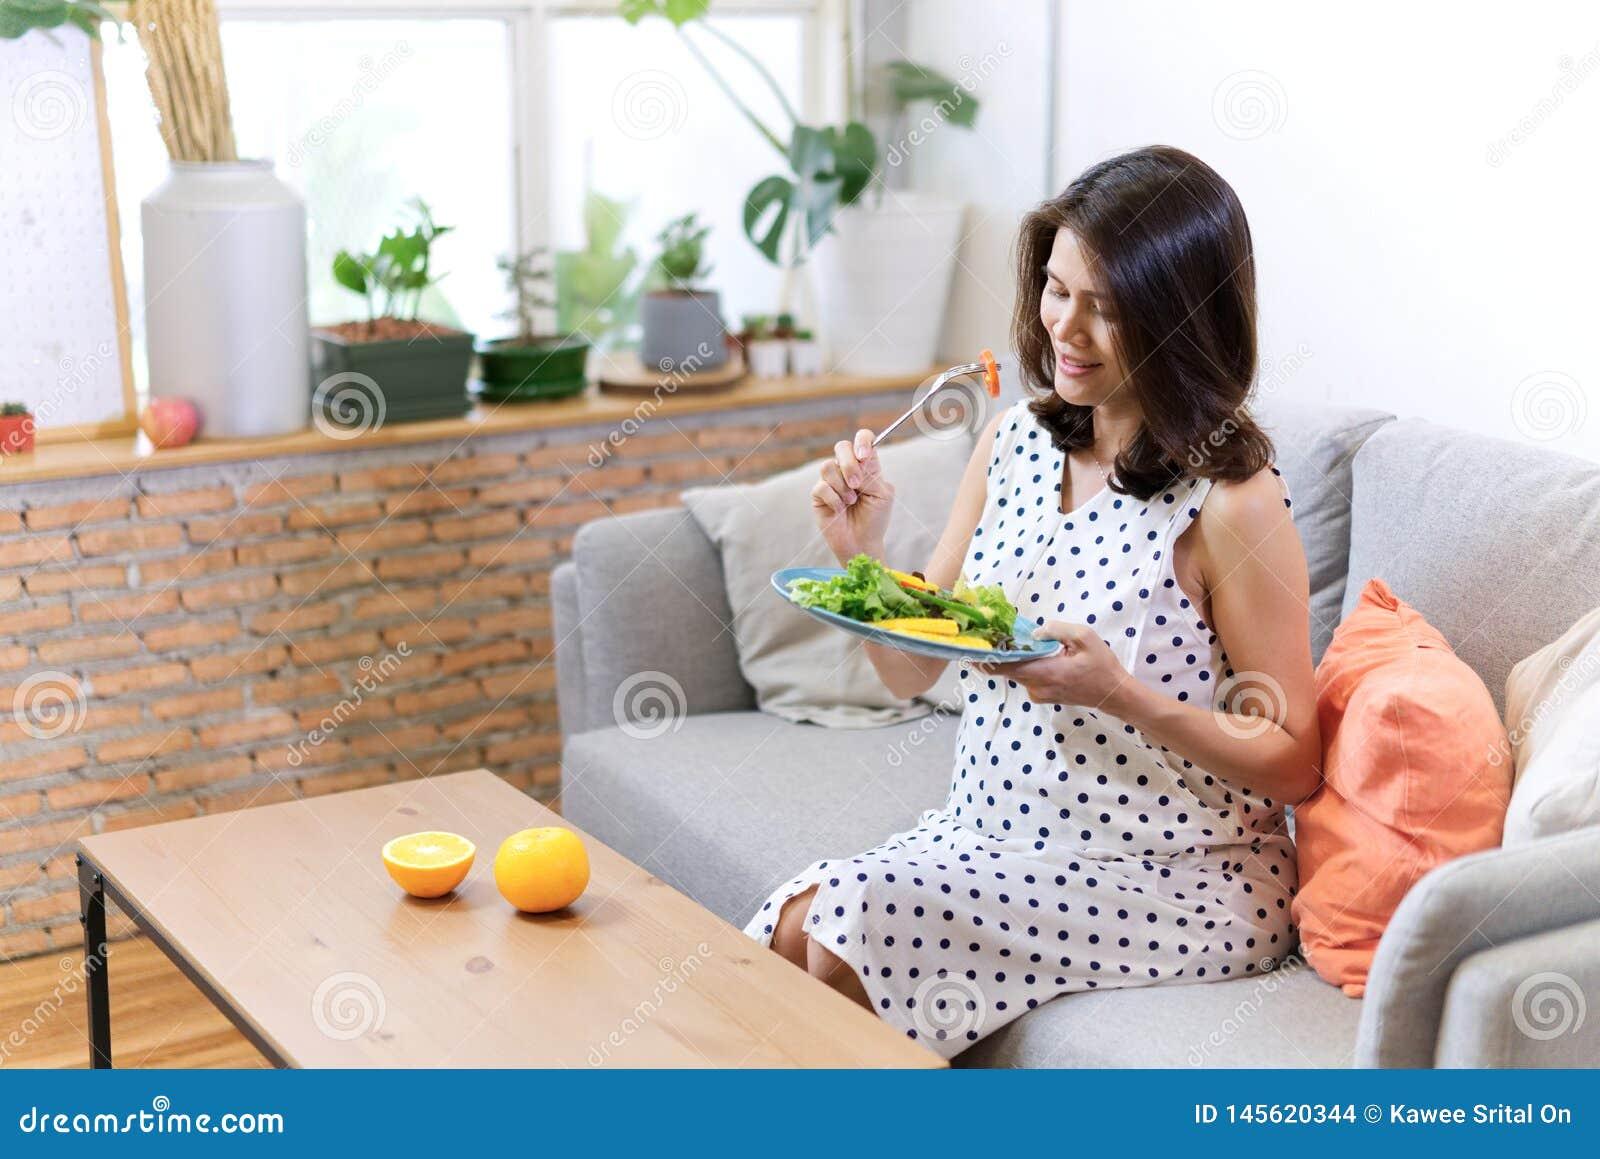 Härliga asiatiska gravida kvinnor som sitter på soffan, har sallad för hennes frukost som några apelsiner är pålagda tabellen Hav